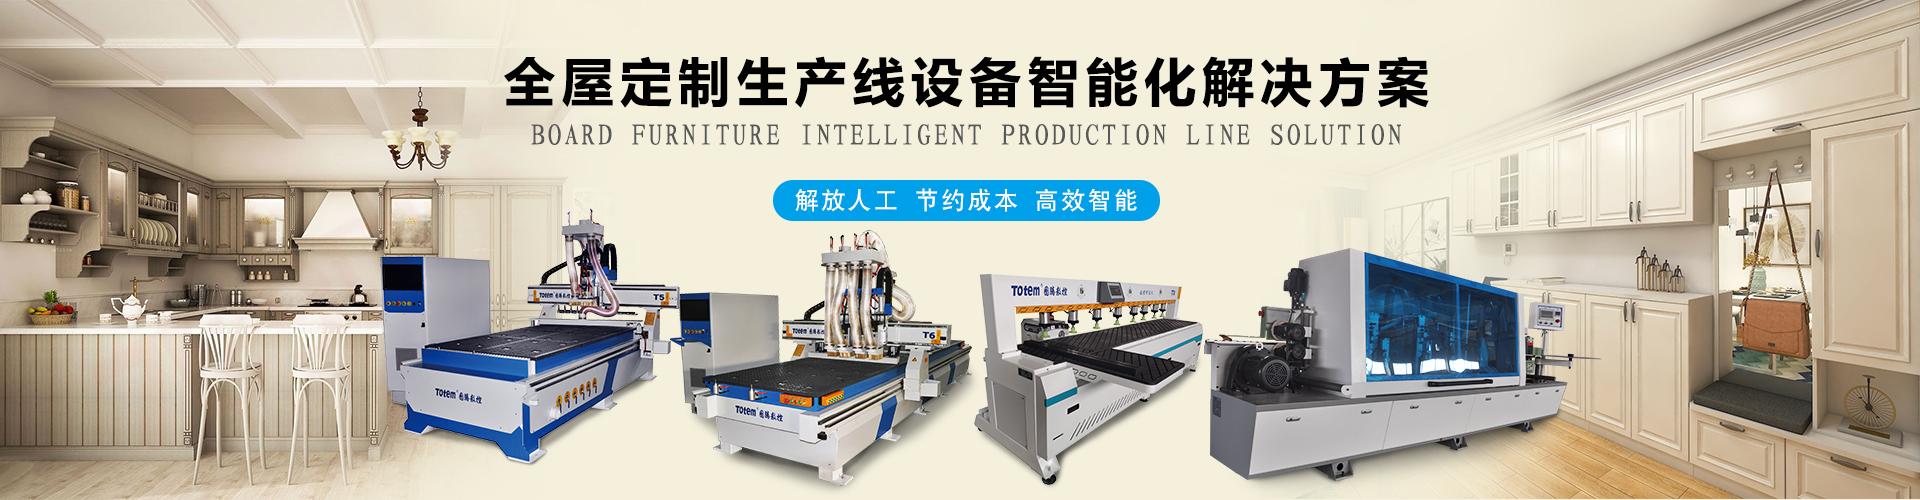 河南雕刻机厂家,河南开料机,图腾木工雕刻机